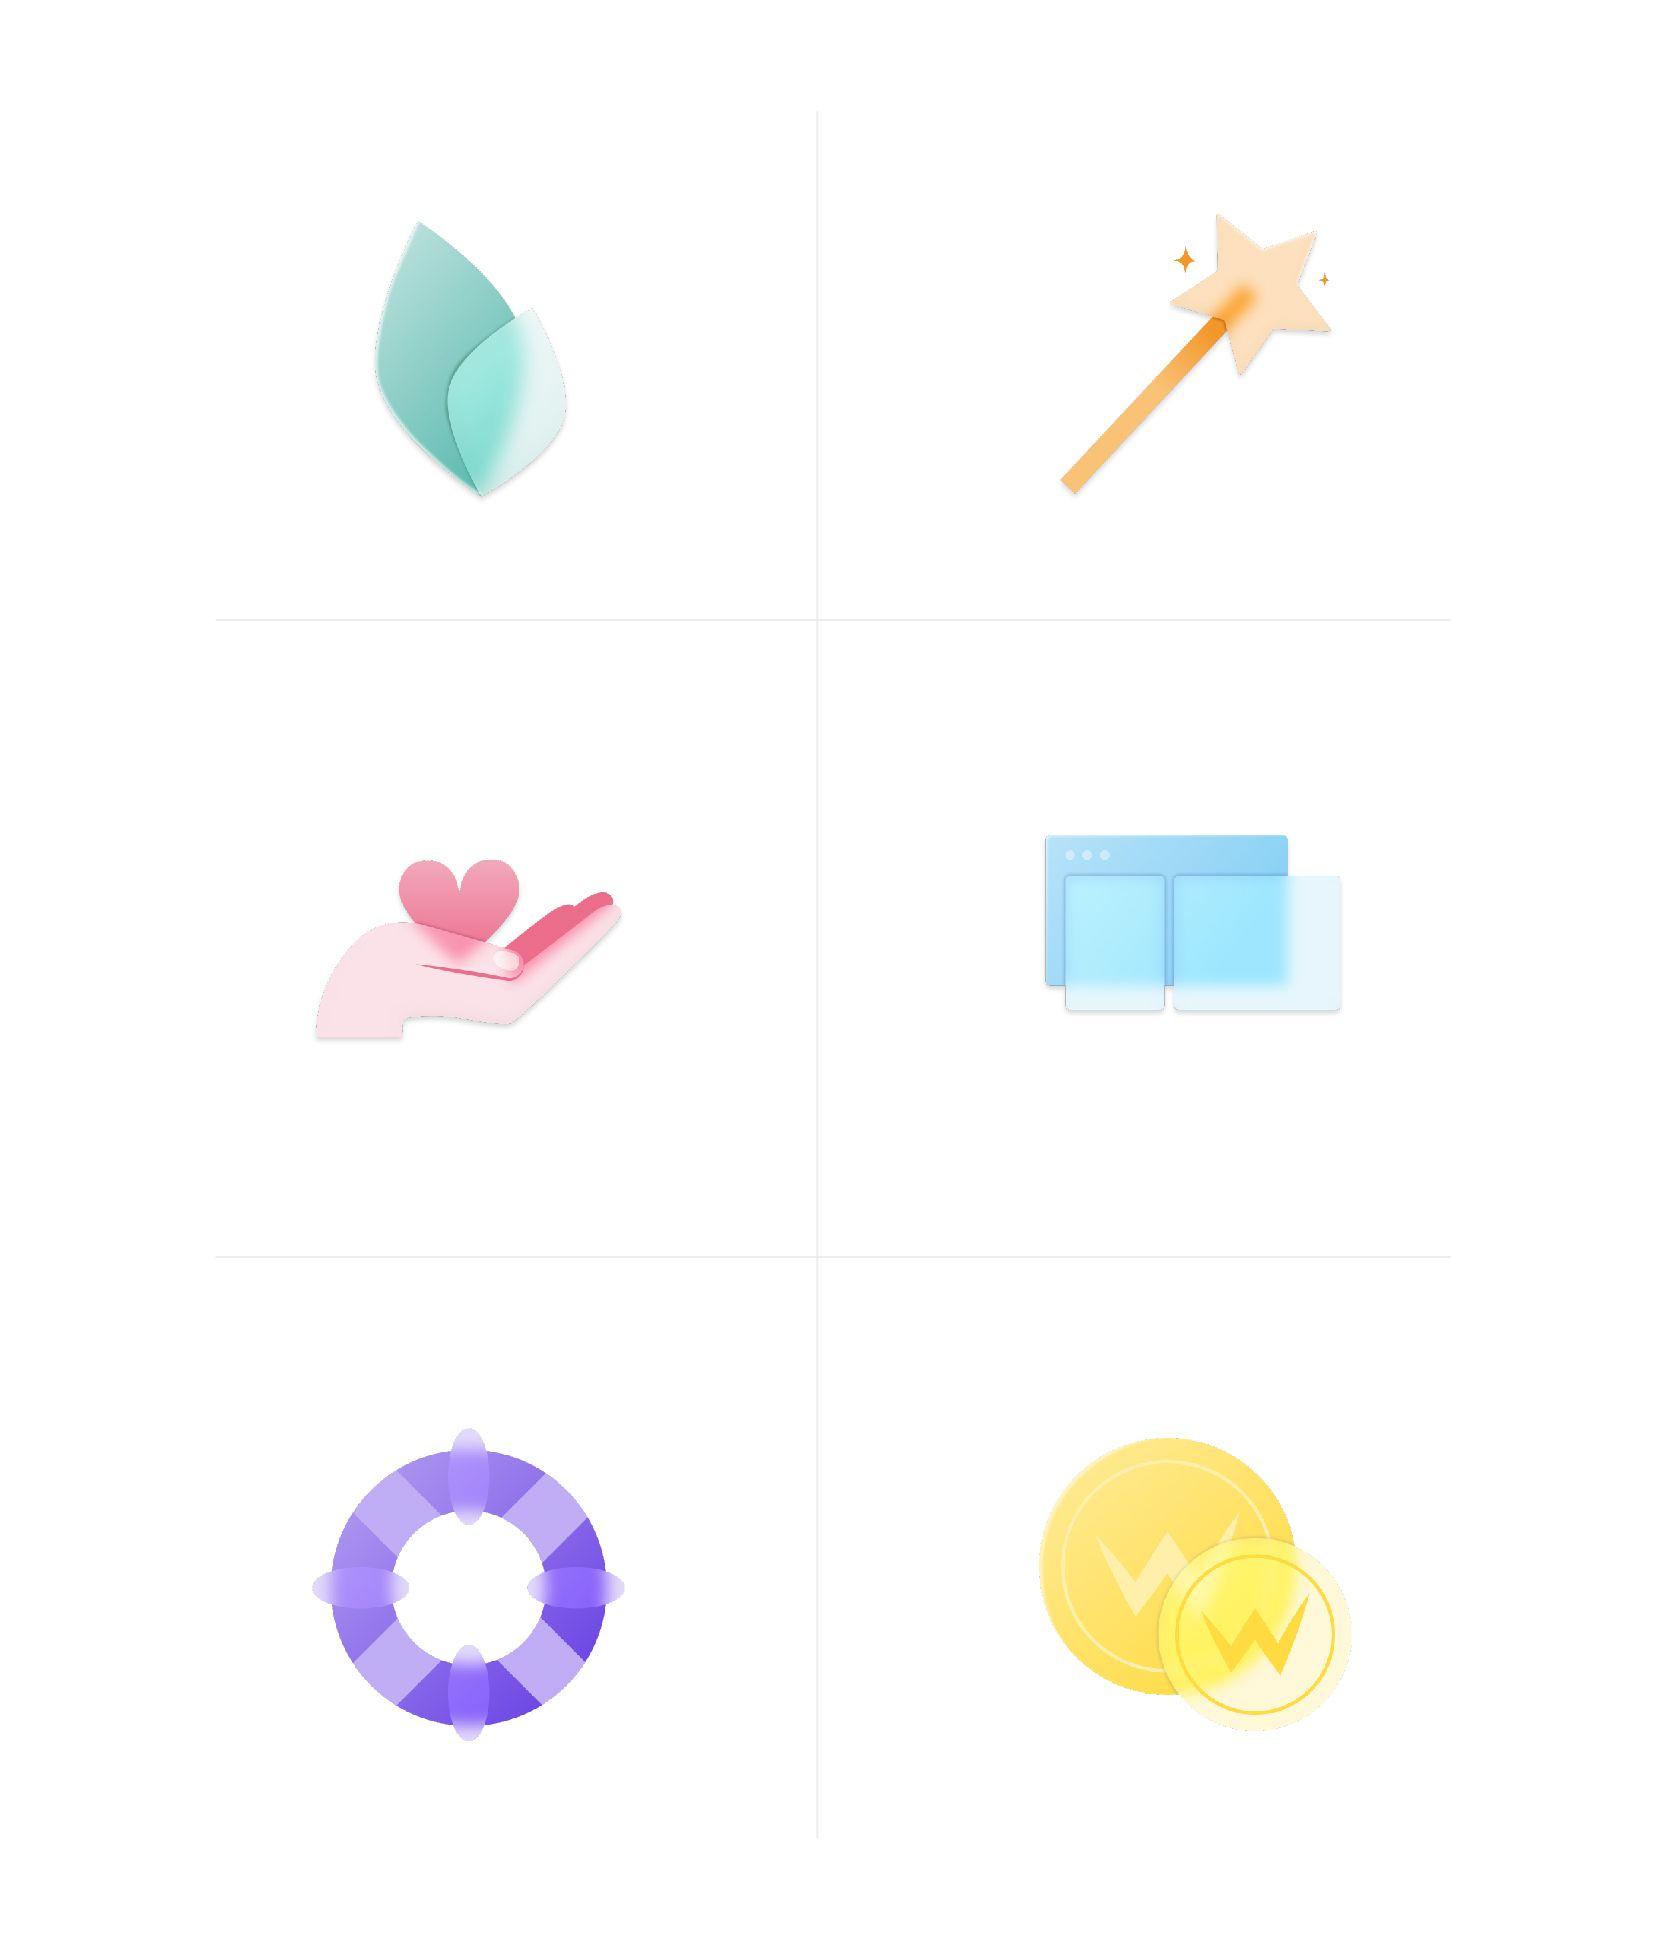 iconos sitew